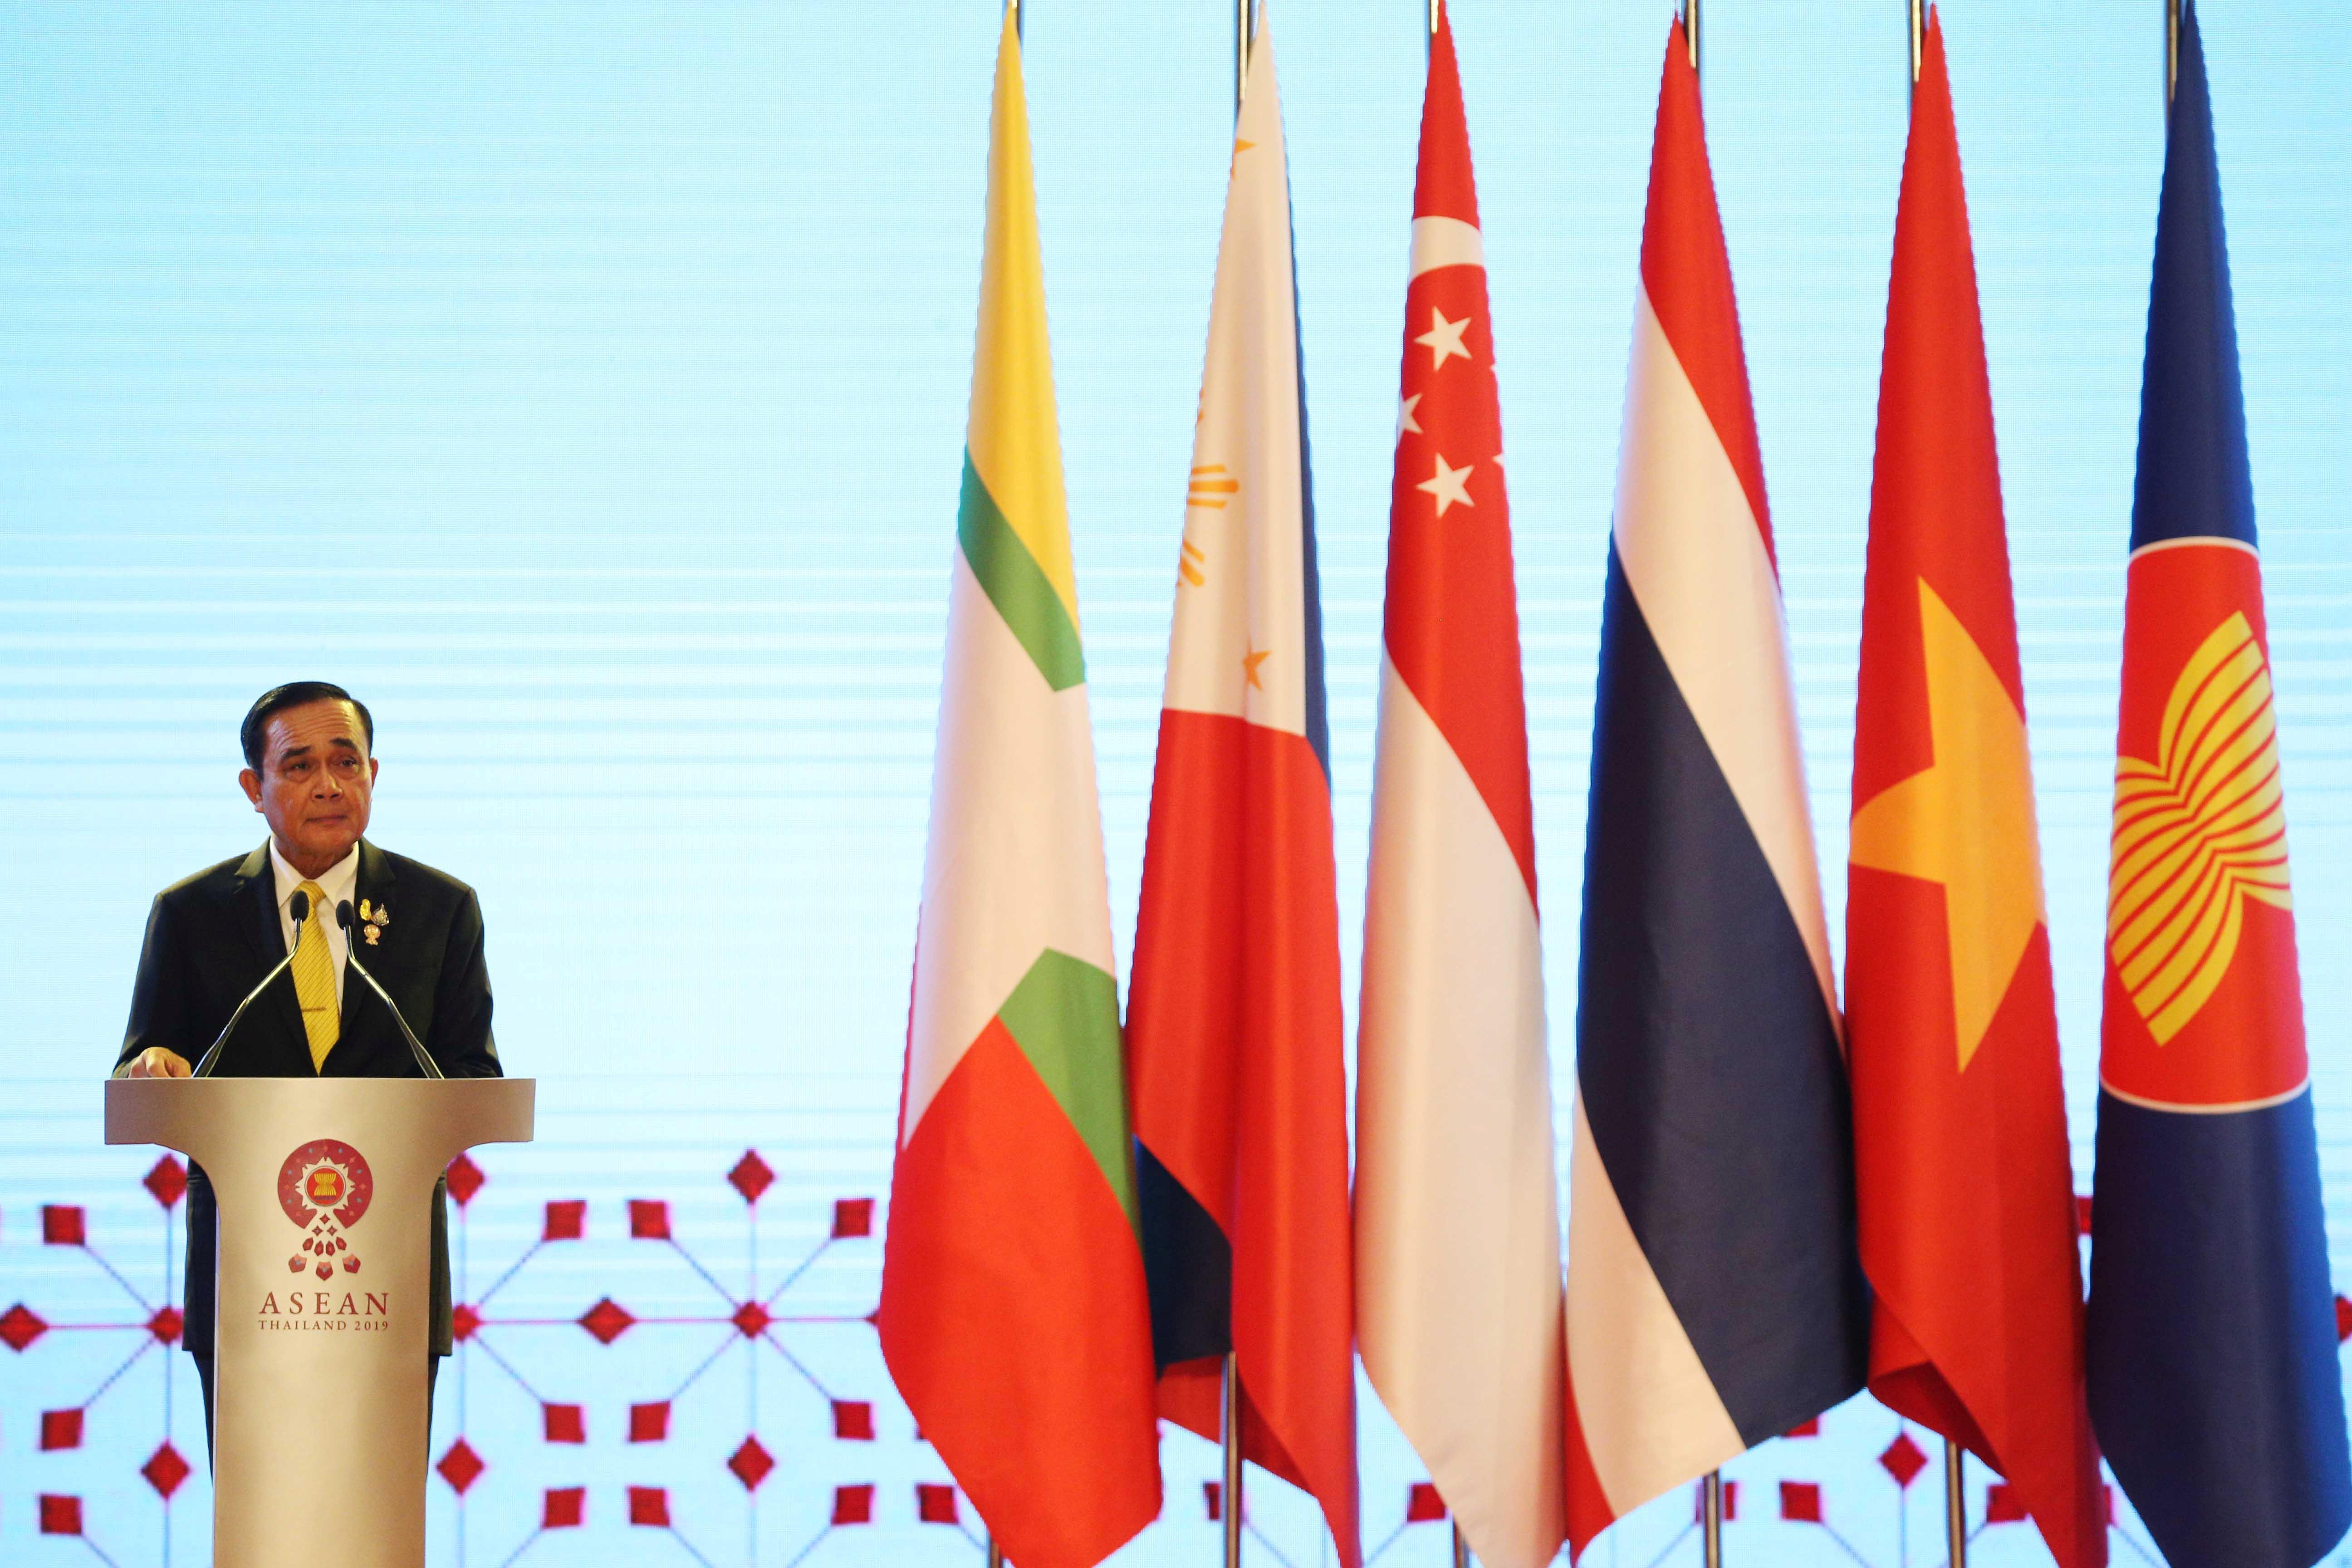 Les dirigeants de l'Asie du Sud-Est soulignent la force économique face aux tensions entre les États-Unis et la Chine